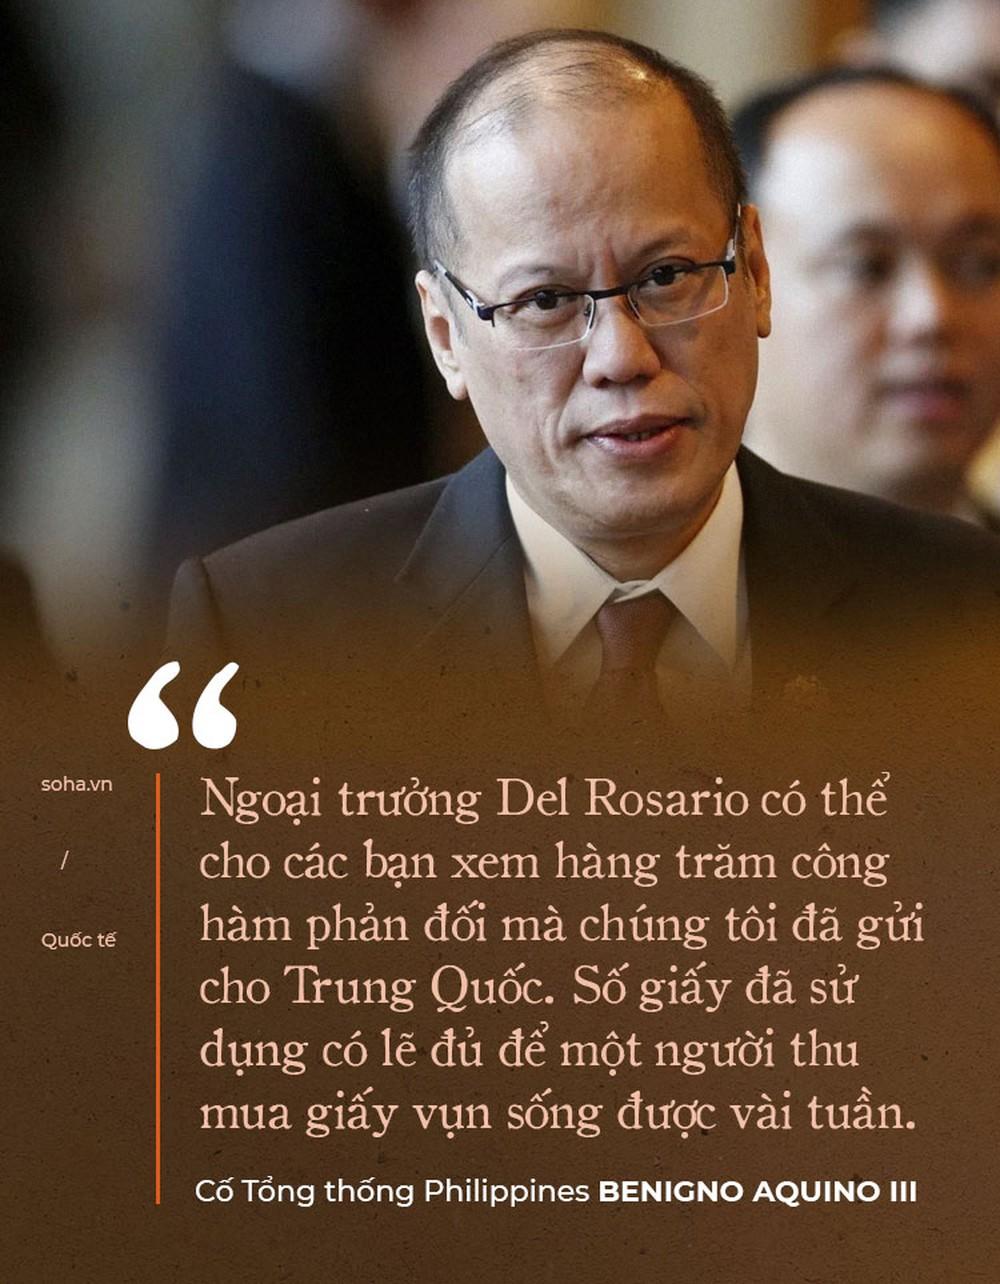 Aquino - vị Tổng thống dám đưa Trung Quốc ra tòa và chuyện vượt qua nỗi sợ người khổng lồ - Ảnh 1.